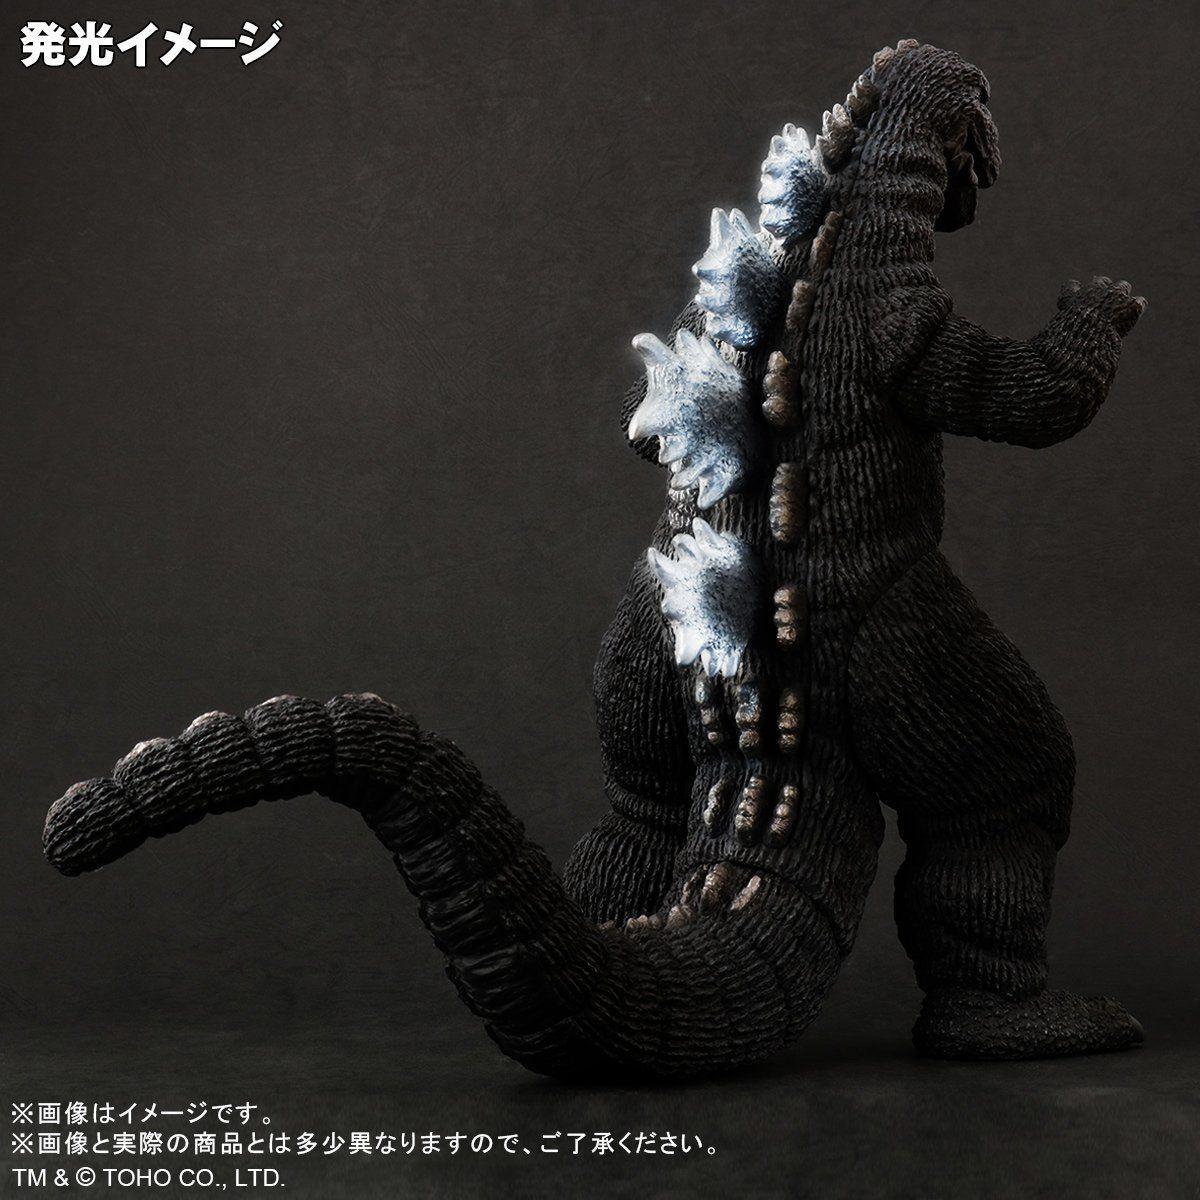 東宝30cmシリーズ『ゴジラ(1975)発光Ver.』メカゴジラの逆襲 完成品フィギュア-009